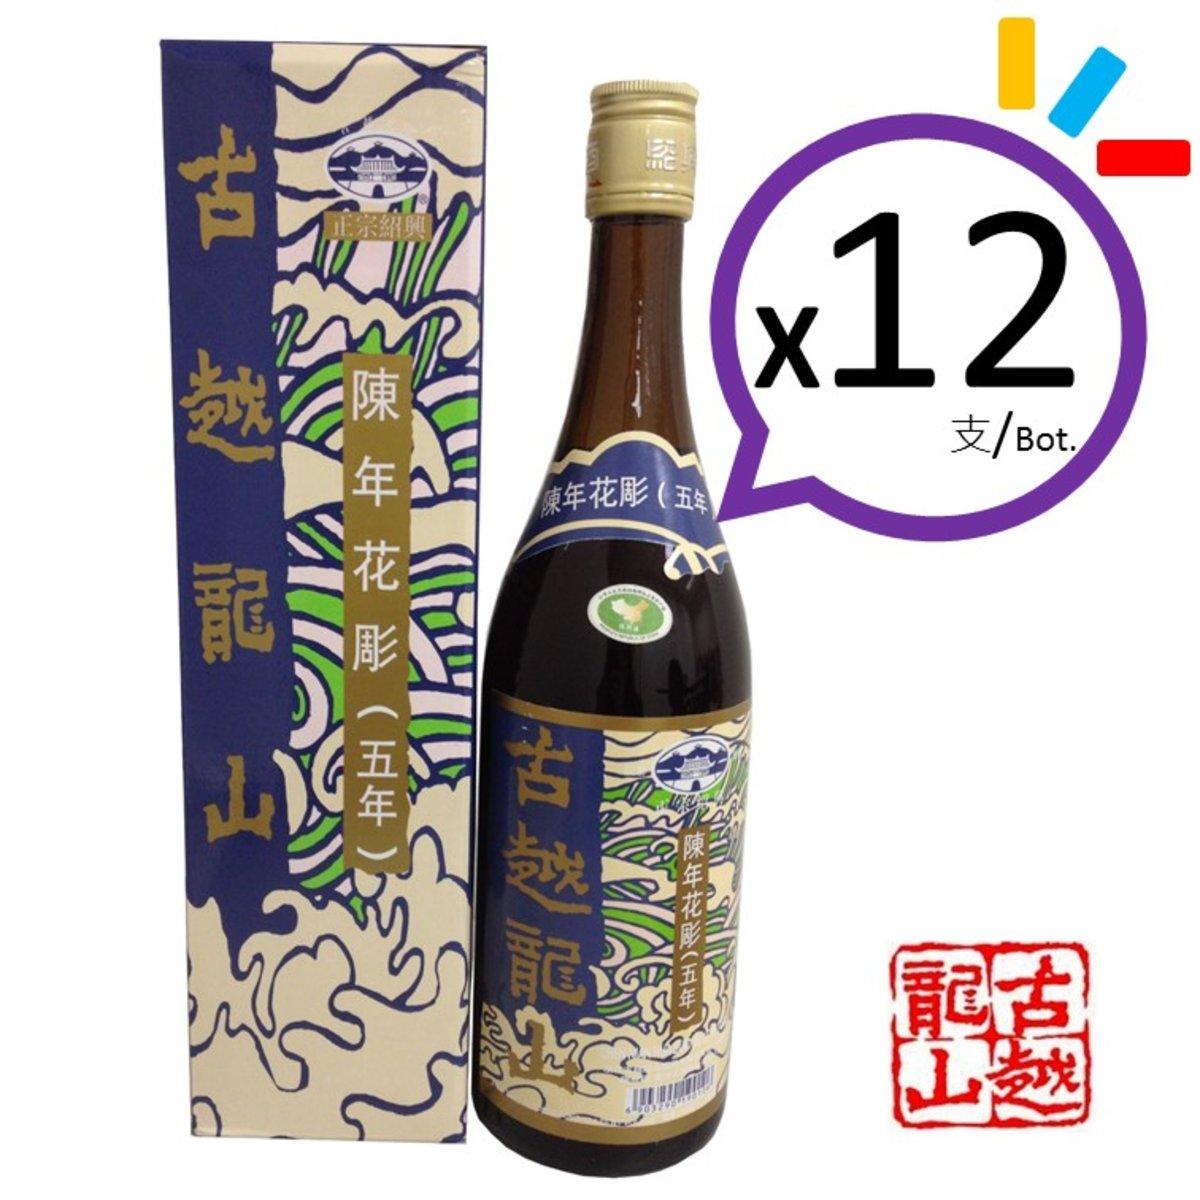 陳年紹興花雕酒五年 x12 支